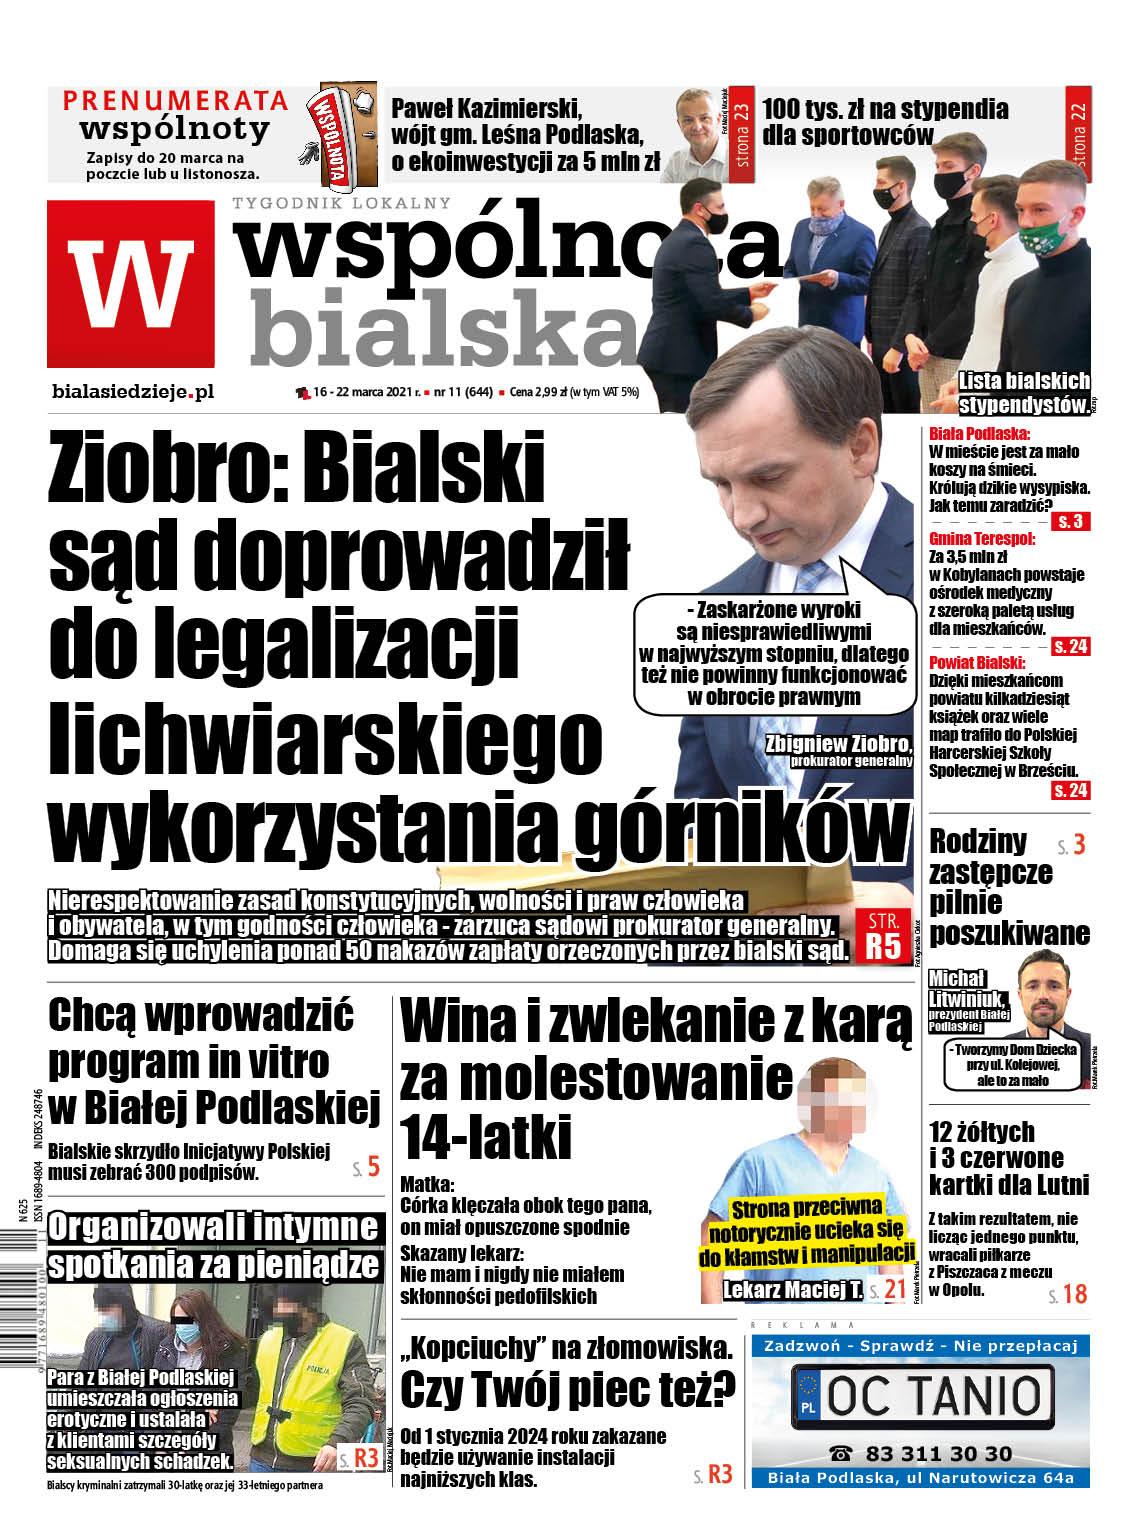 Ziobro: Bialski sąd doprowadził do legalizacji lichwiarskiego wykorzystania górników - Zdjęcie główne